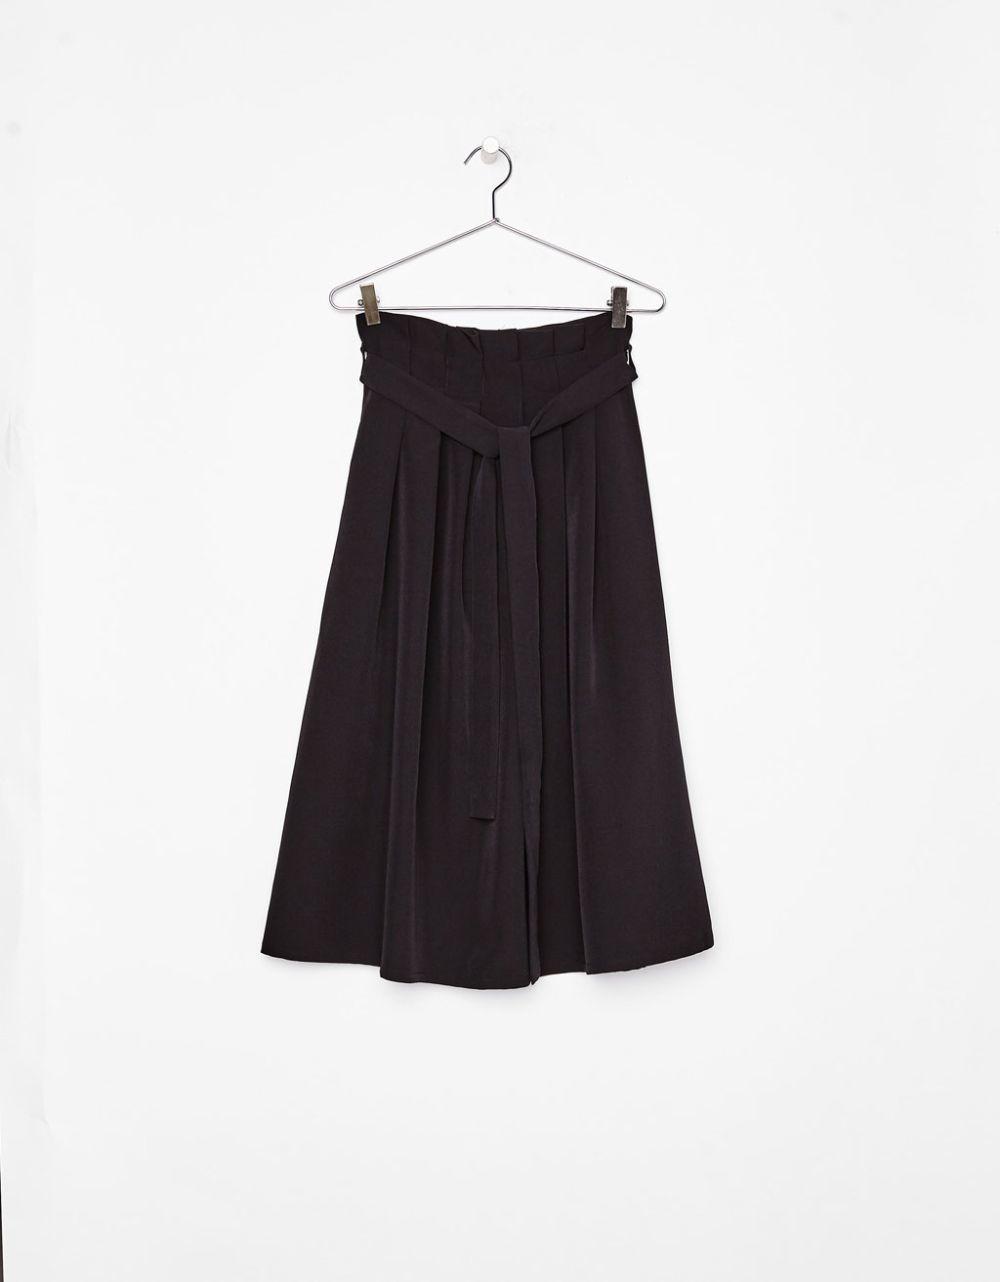 Falda midi de Bershka (24,99 euros)